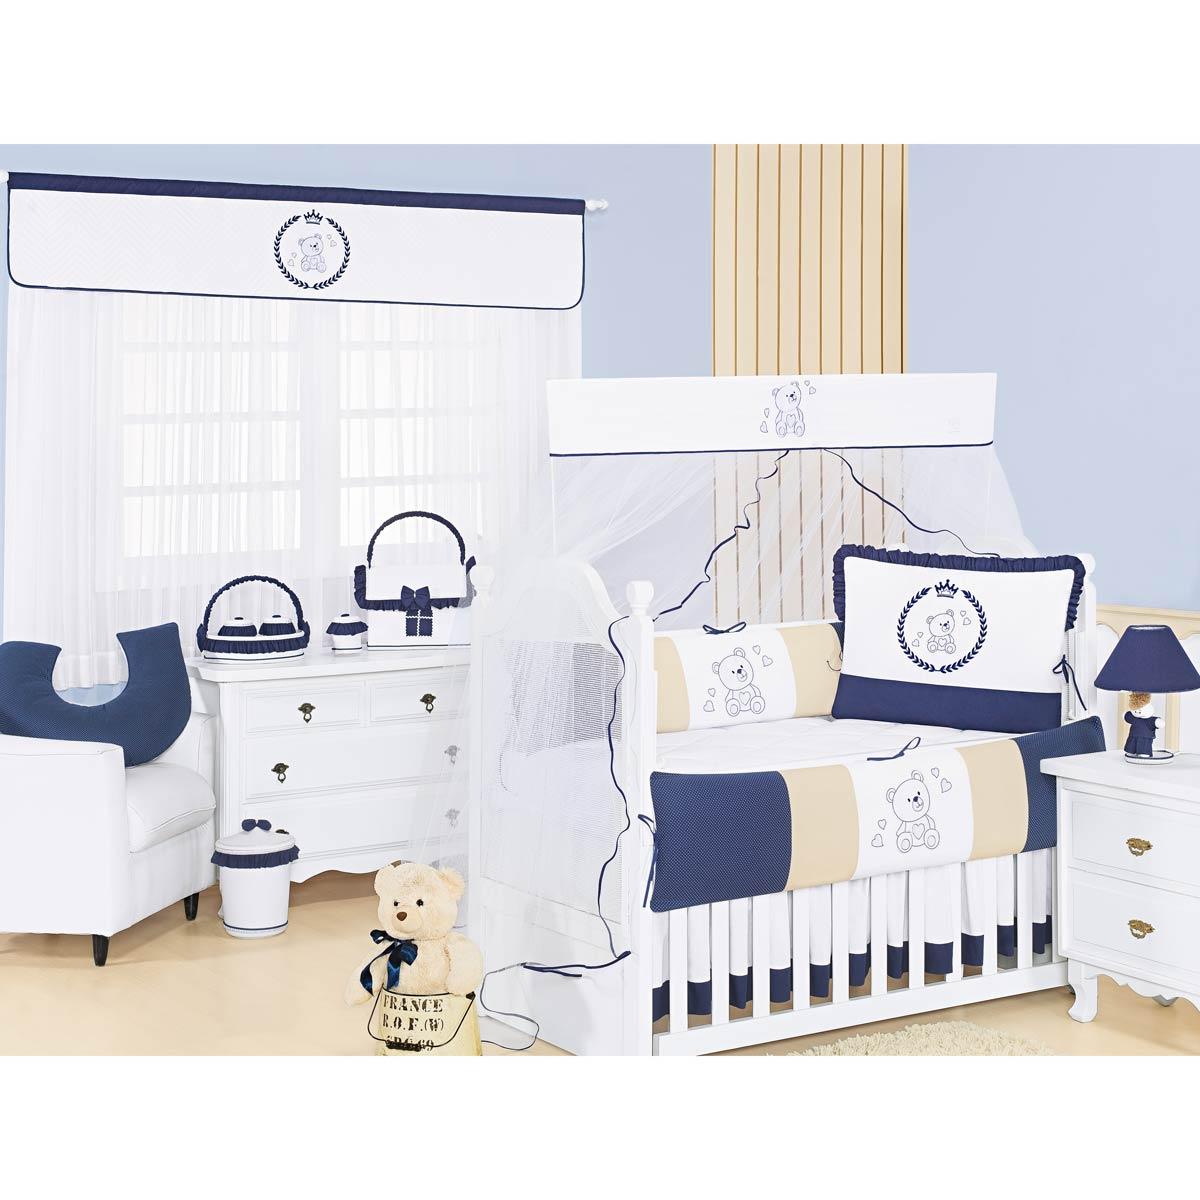 Cortina p/ Quarto de Bebê 2 Metros - Coleção Imperialle Marinho